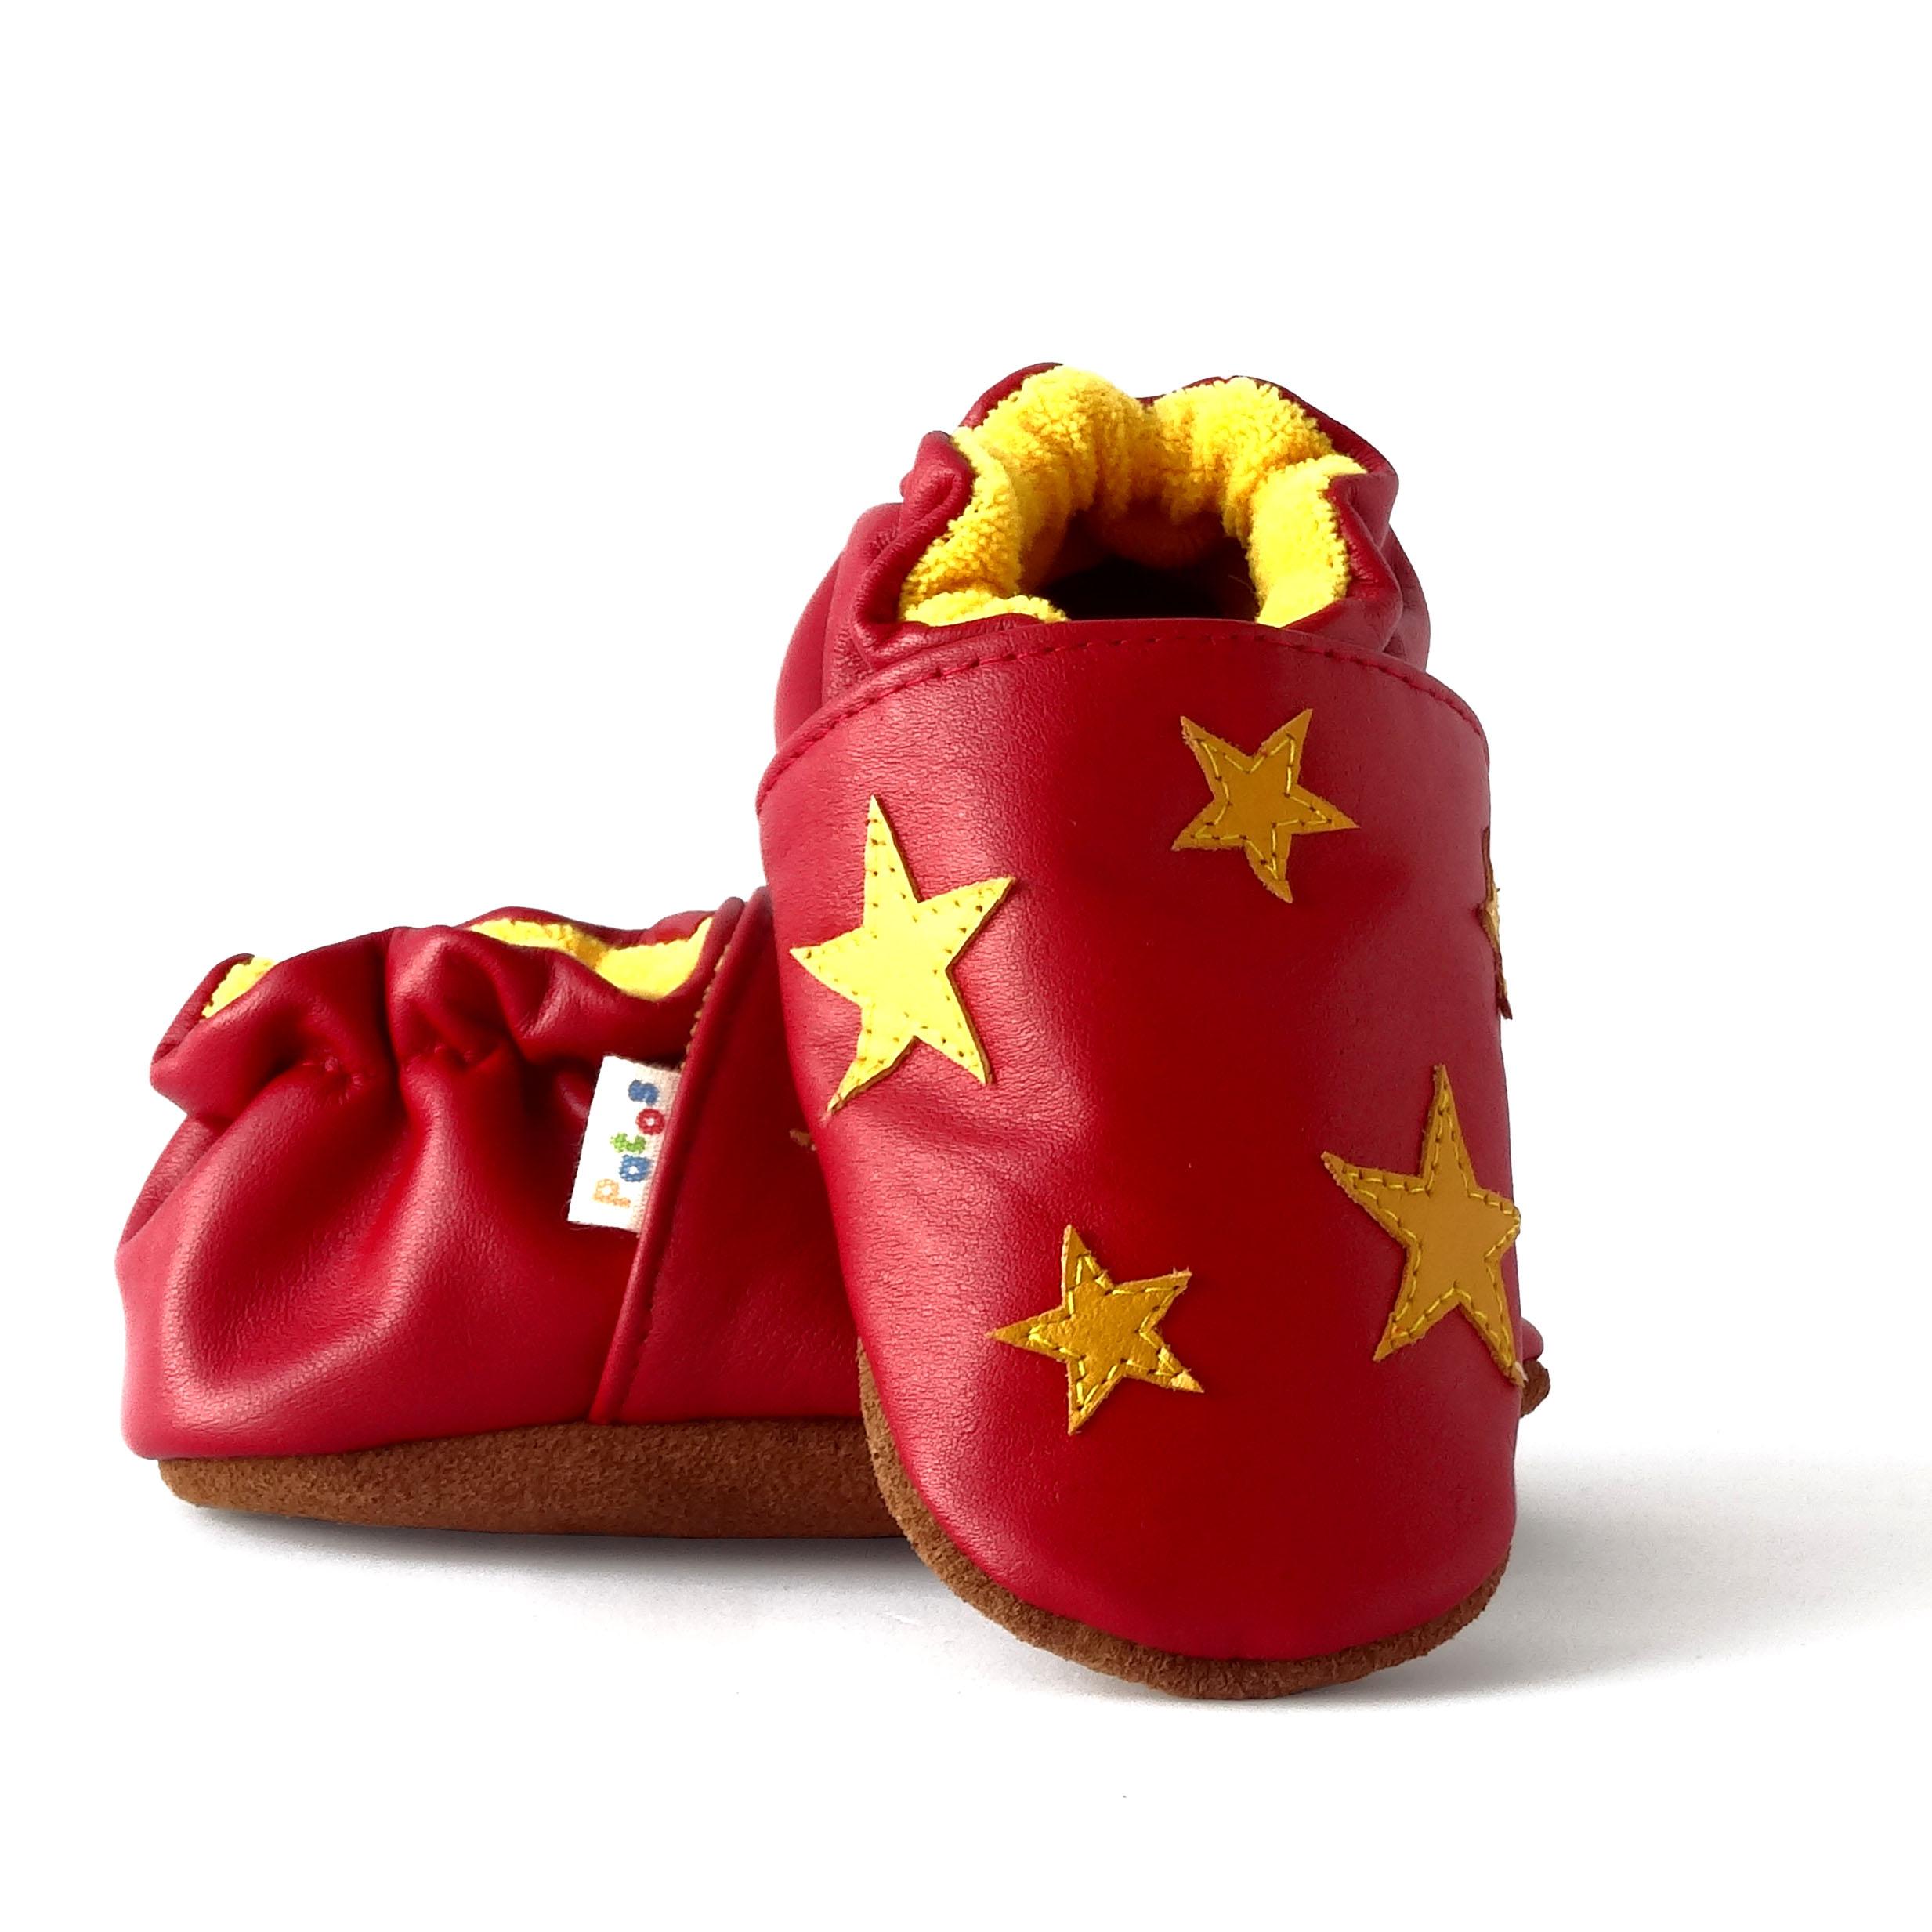 8322b5c4d Zapatos para gatear. Diseño estrellas - Patos Zapatos